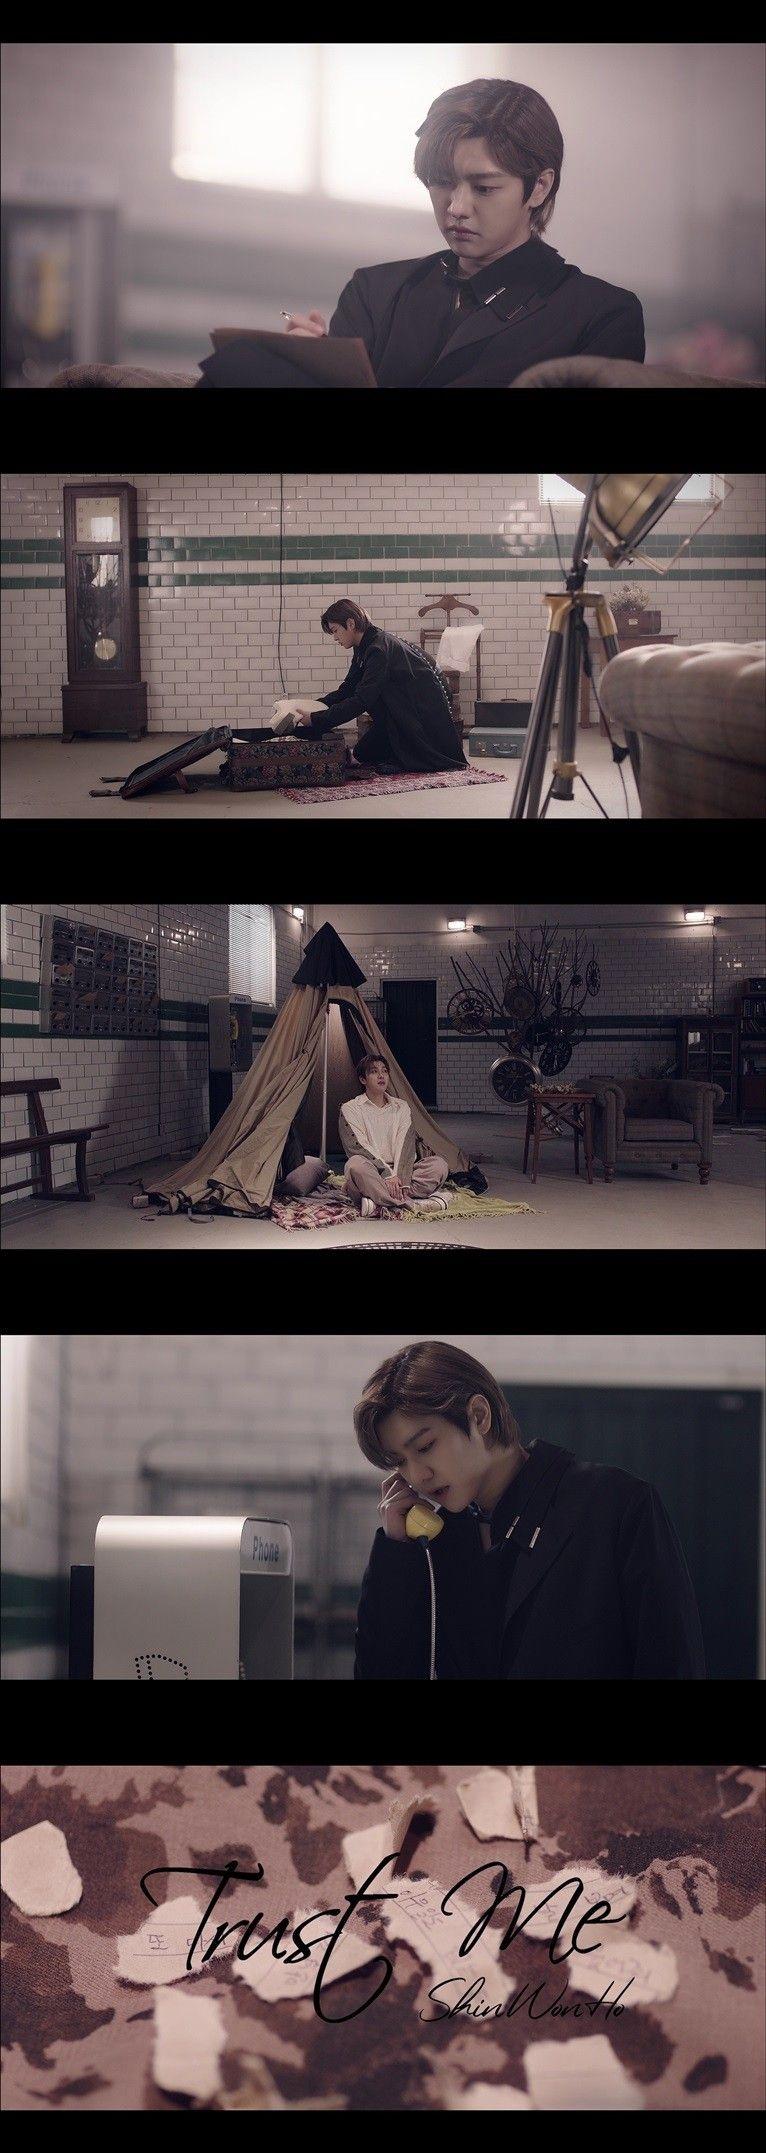 신원호, 감성적 솔로곡 '트러스트 미'…제2막 향한 힘찬 도약